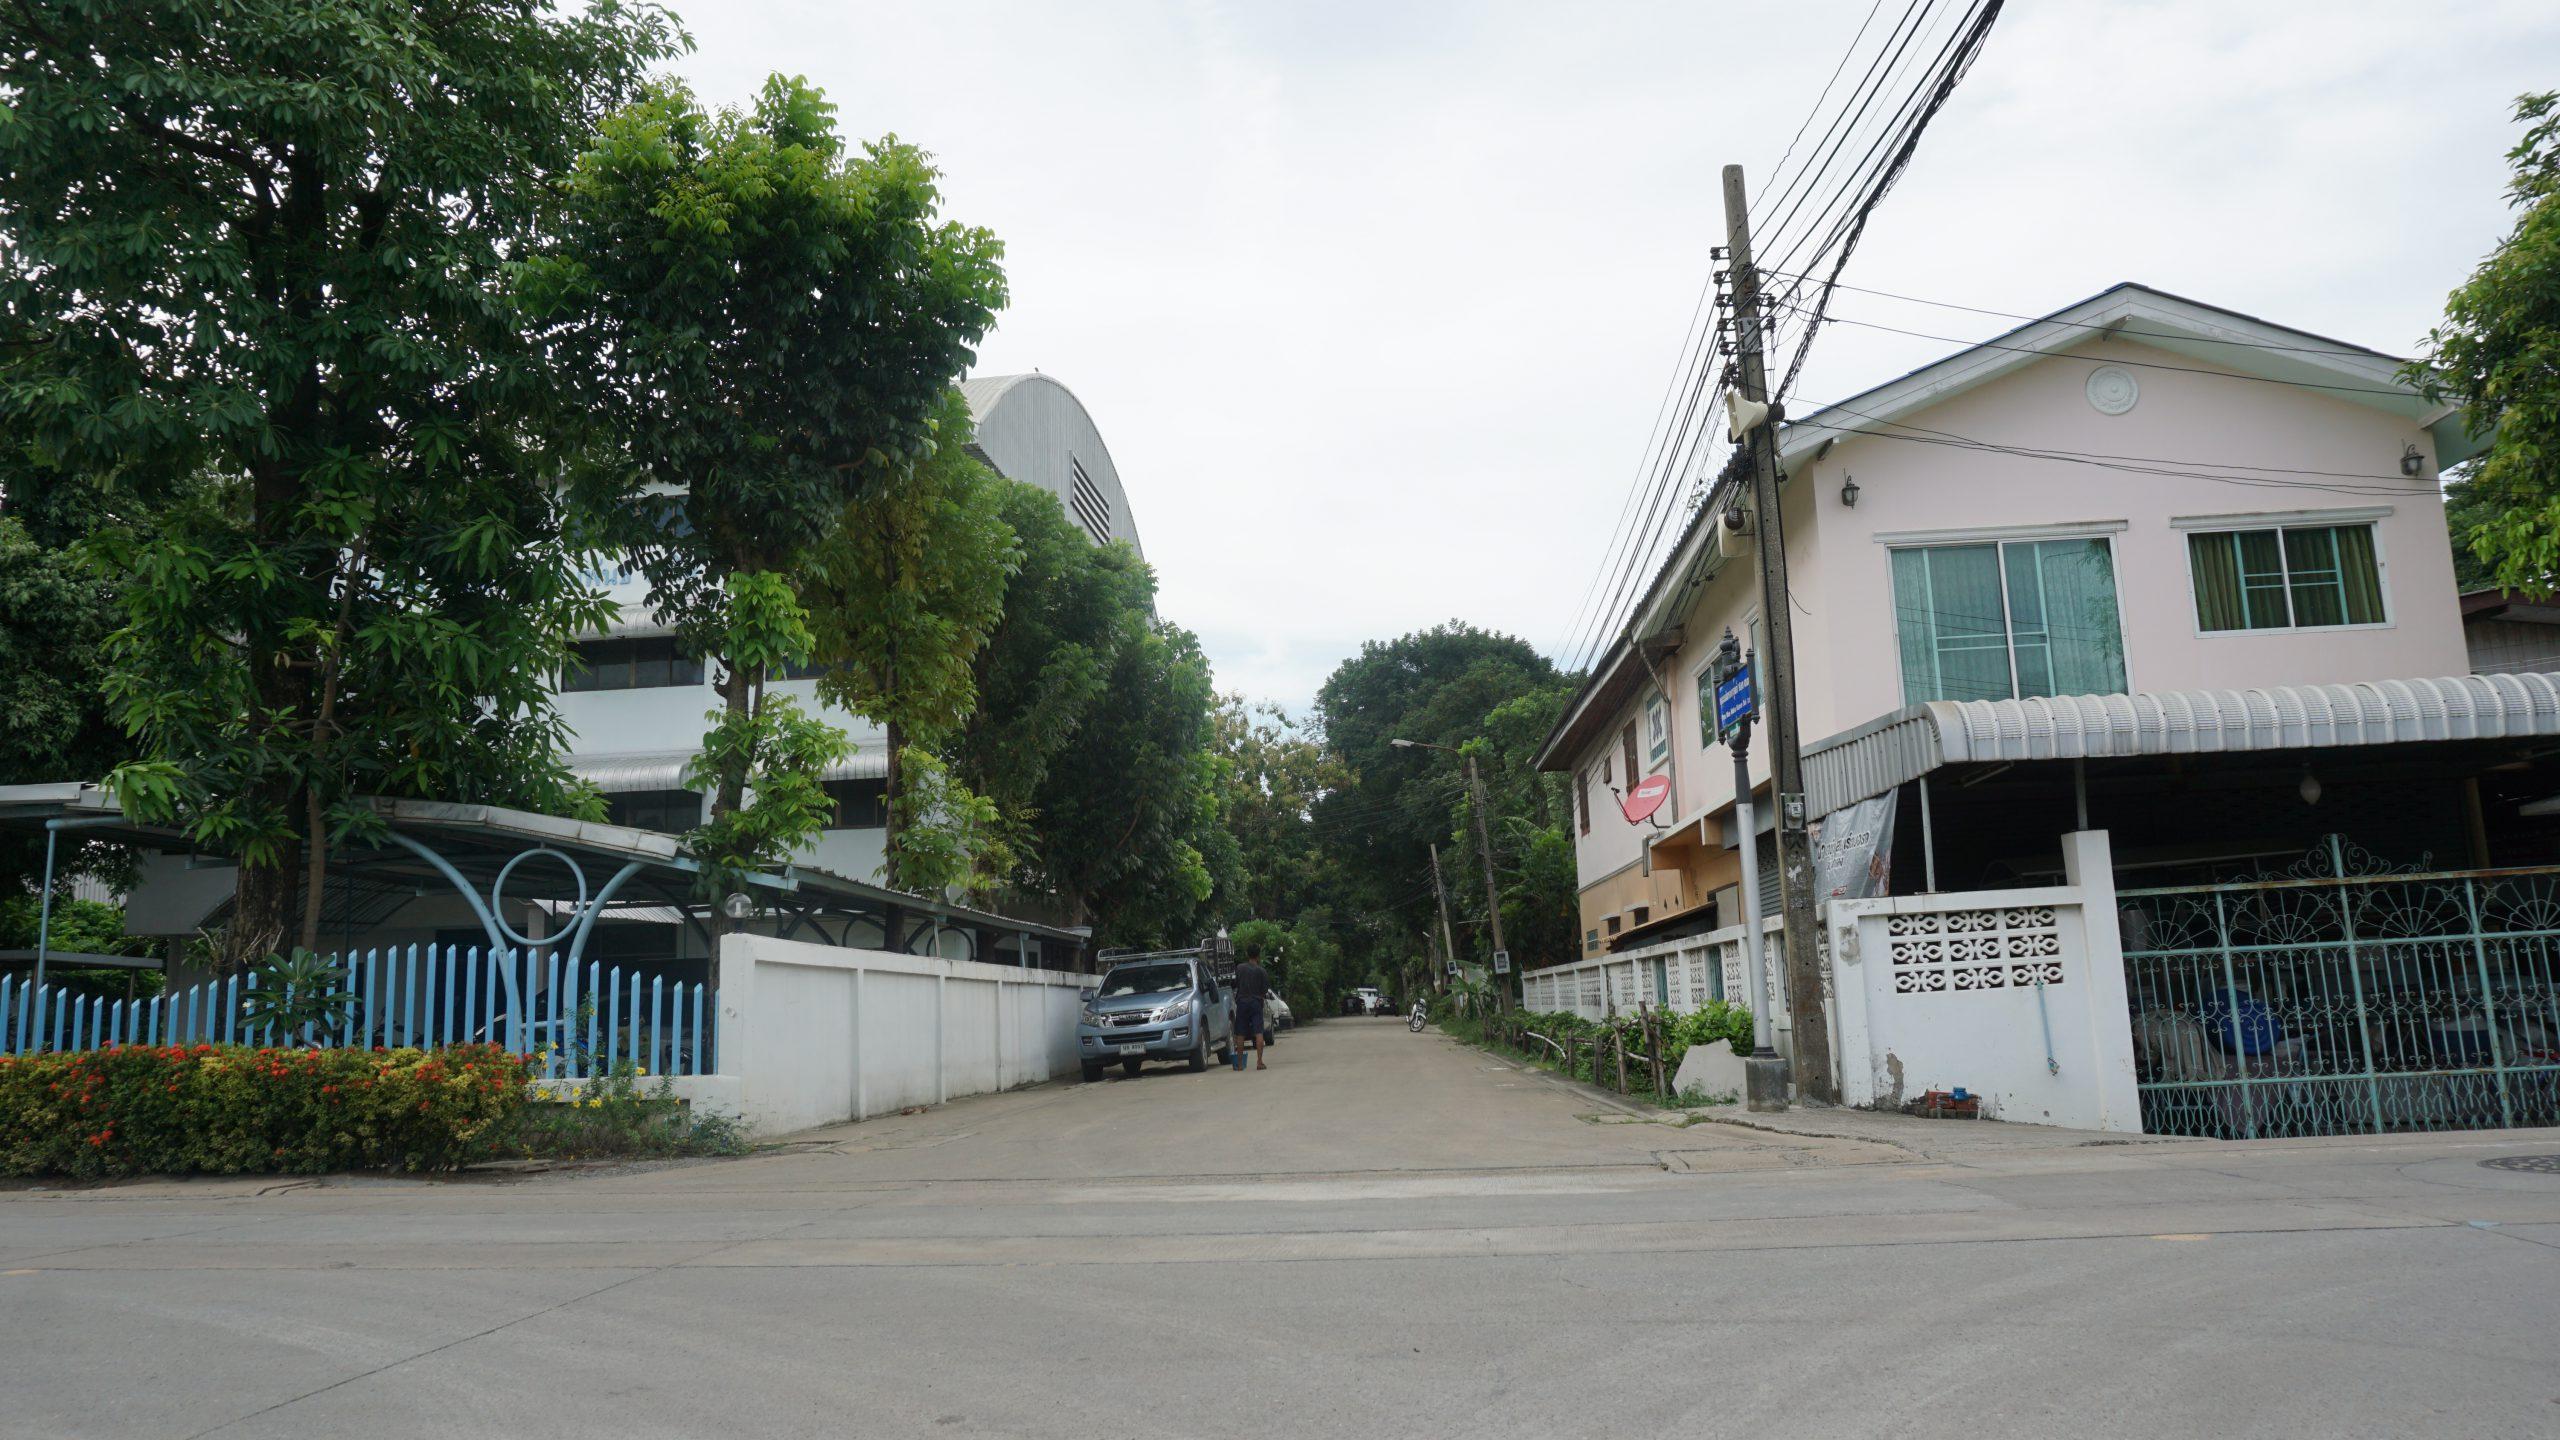 ขายที่ดิน นนทบุรี ปากเกร็ด ติวานนท์ พระแม่มหาการุณย์ 482 ตรว ราคาถูก